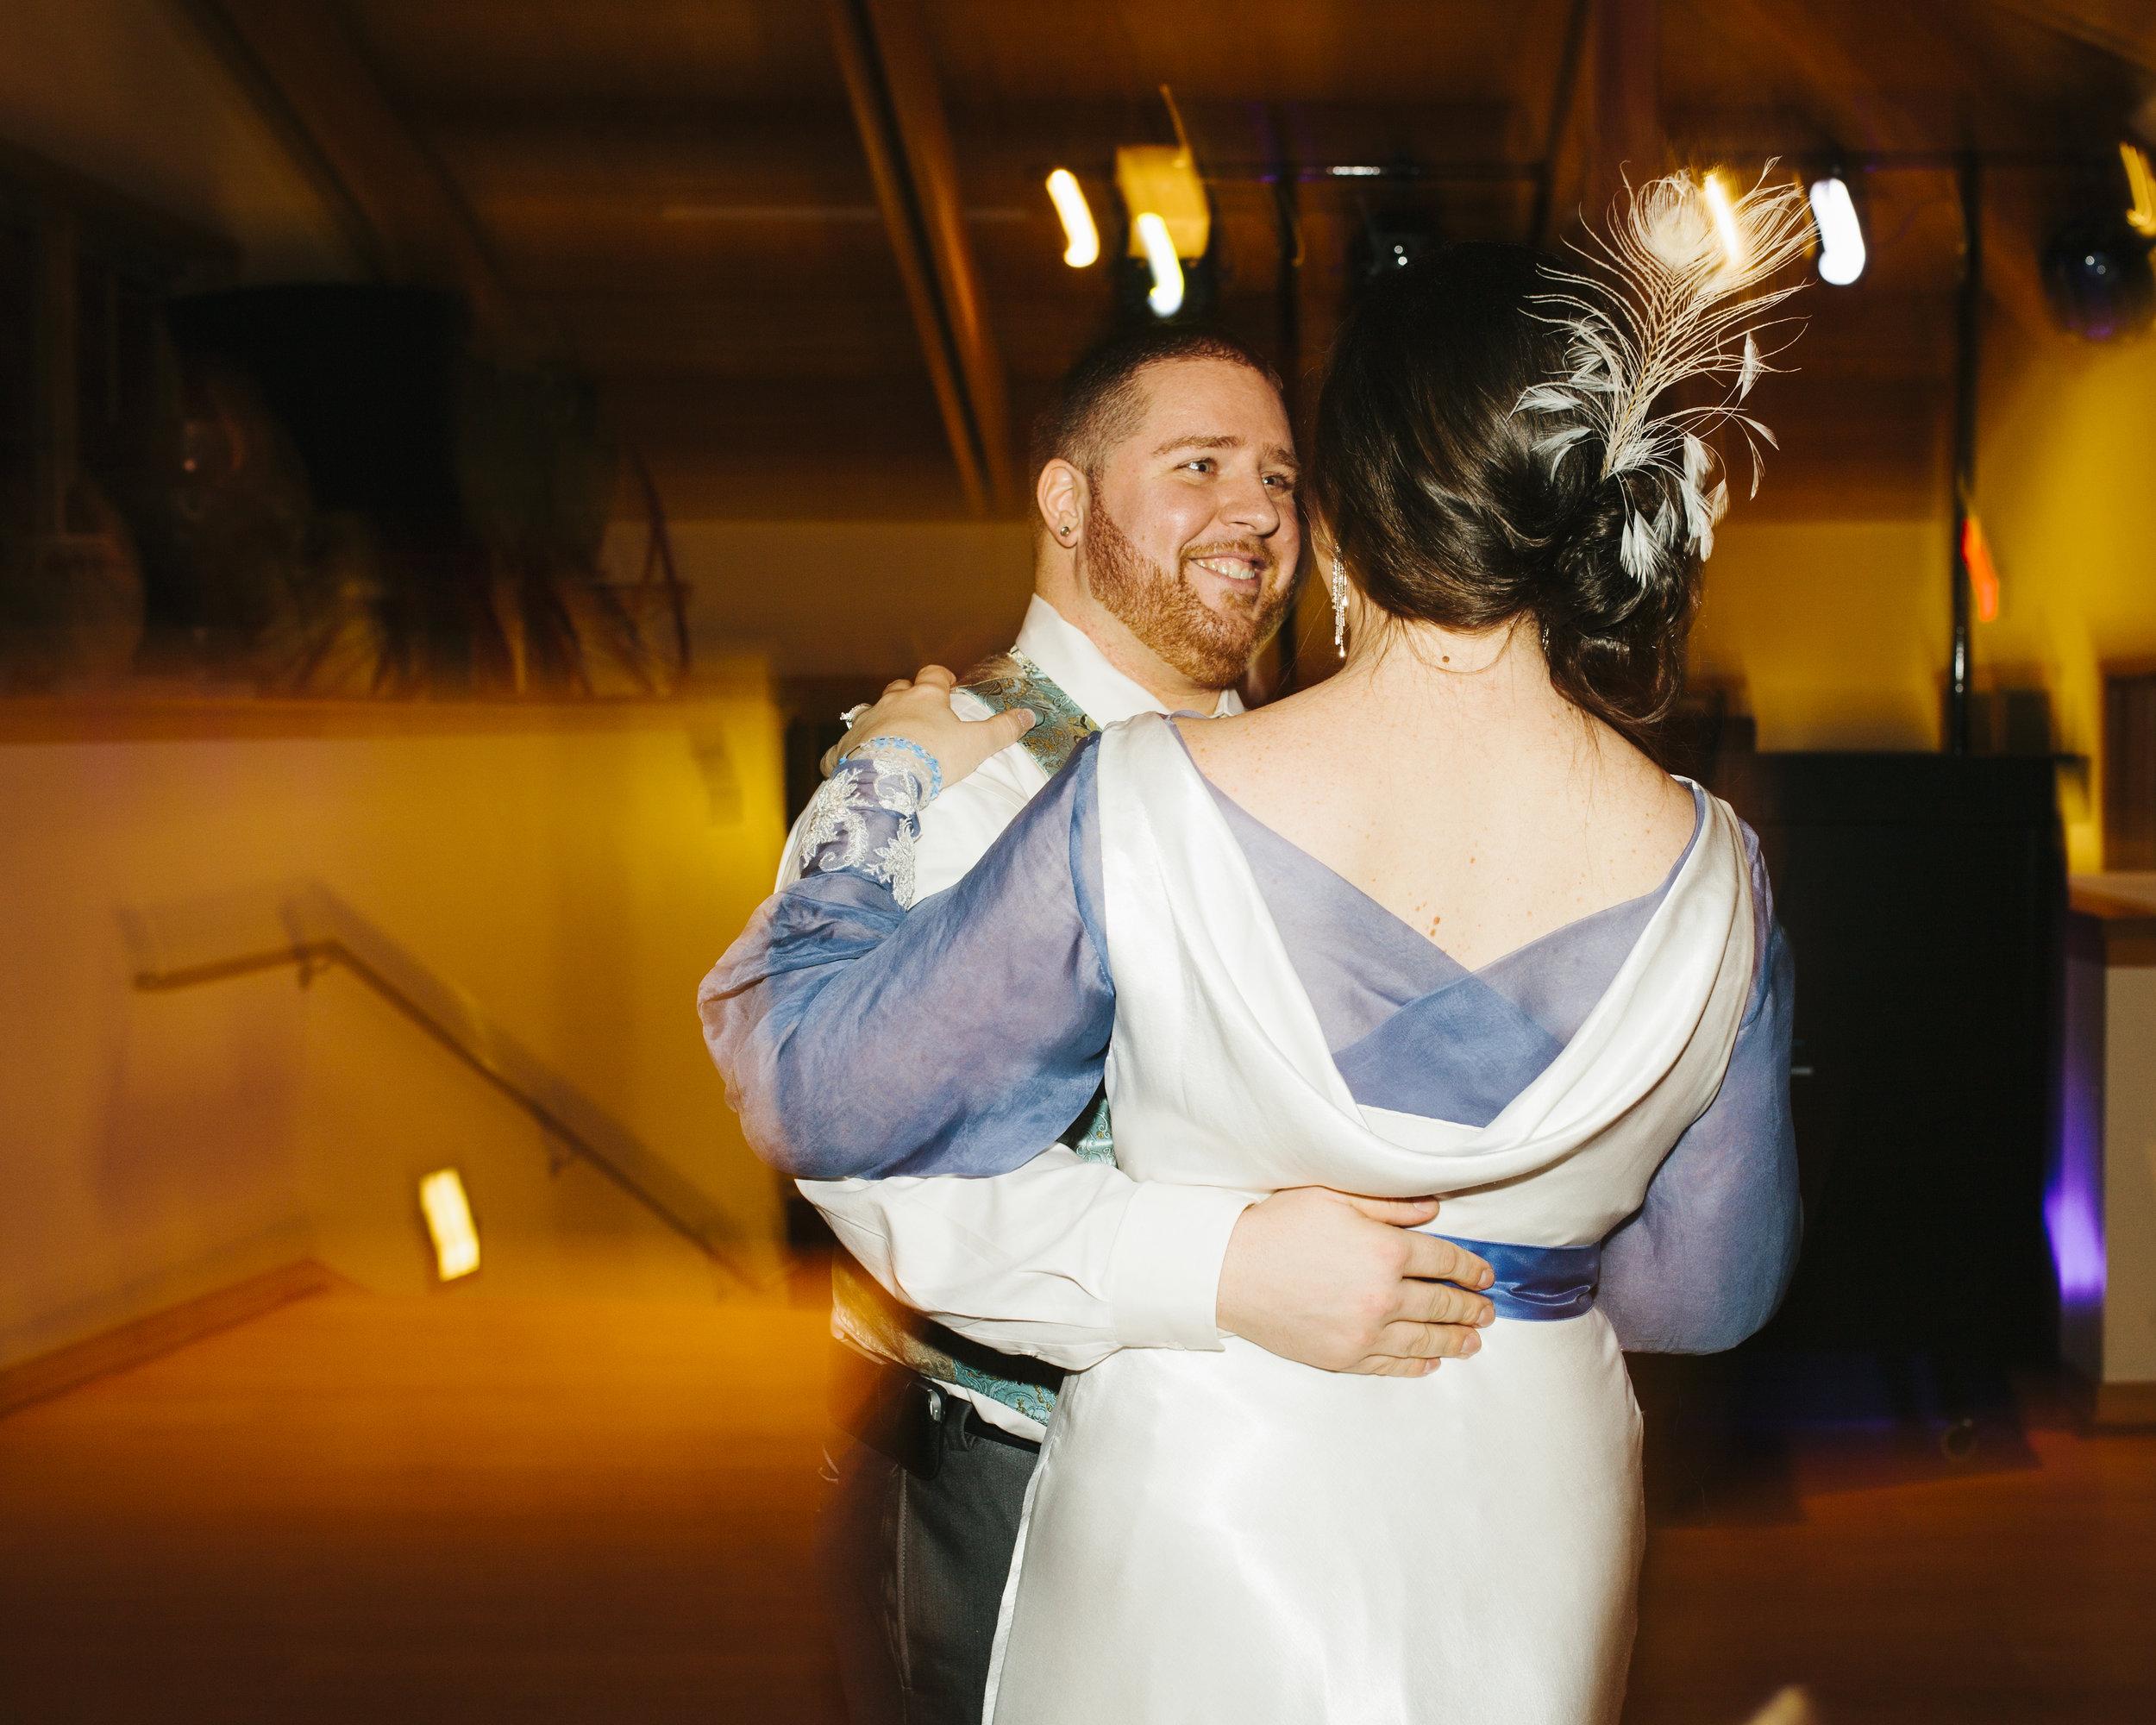 Ice-zeita-wedding-22.jpg